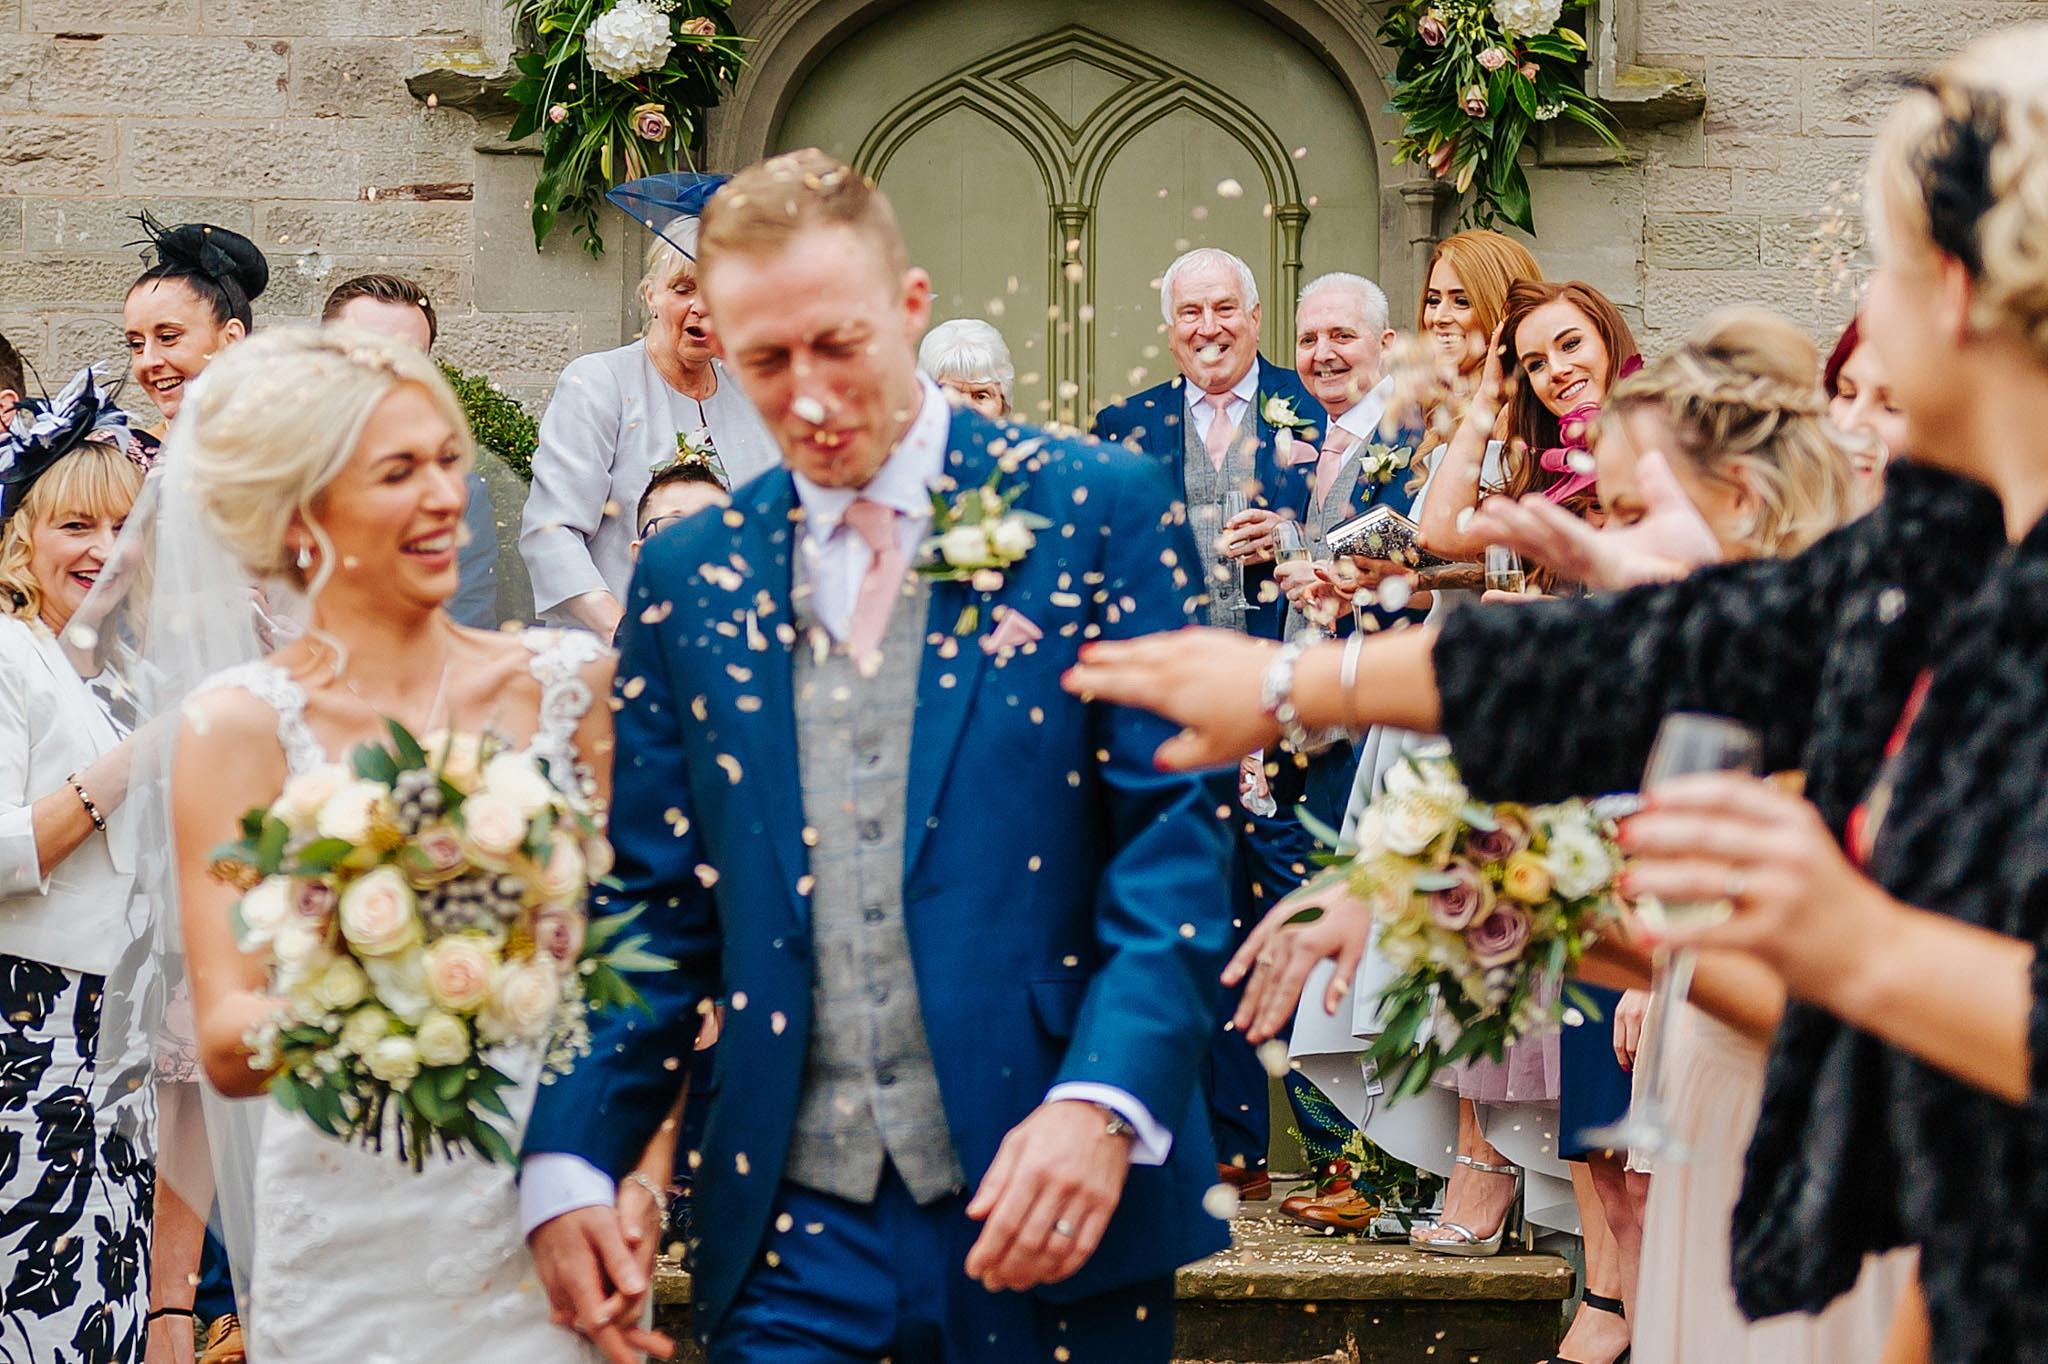 Lemore Manor wedding, Herefordshire - West Midlands | Sadie + Ken 39